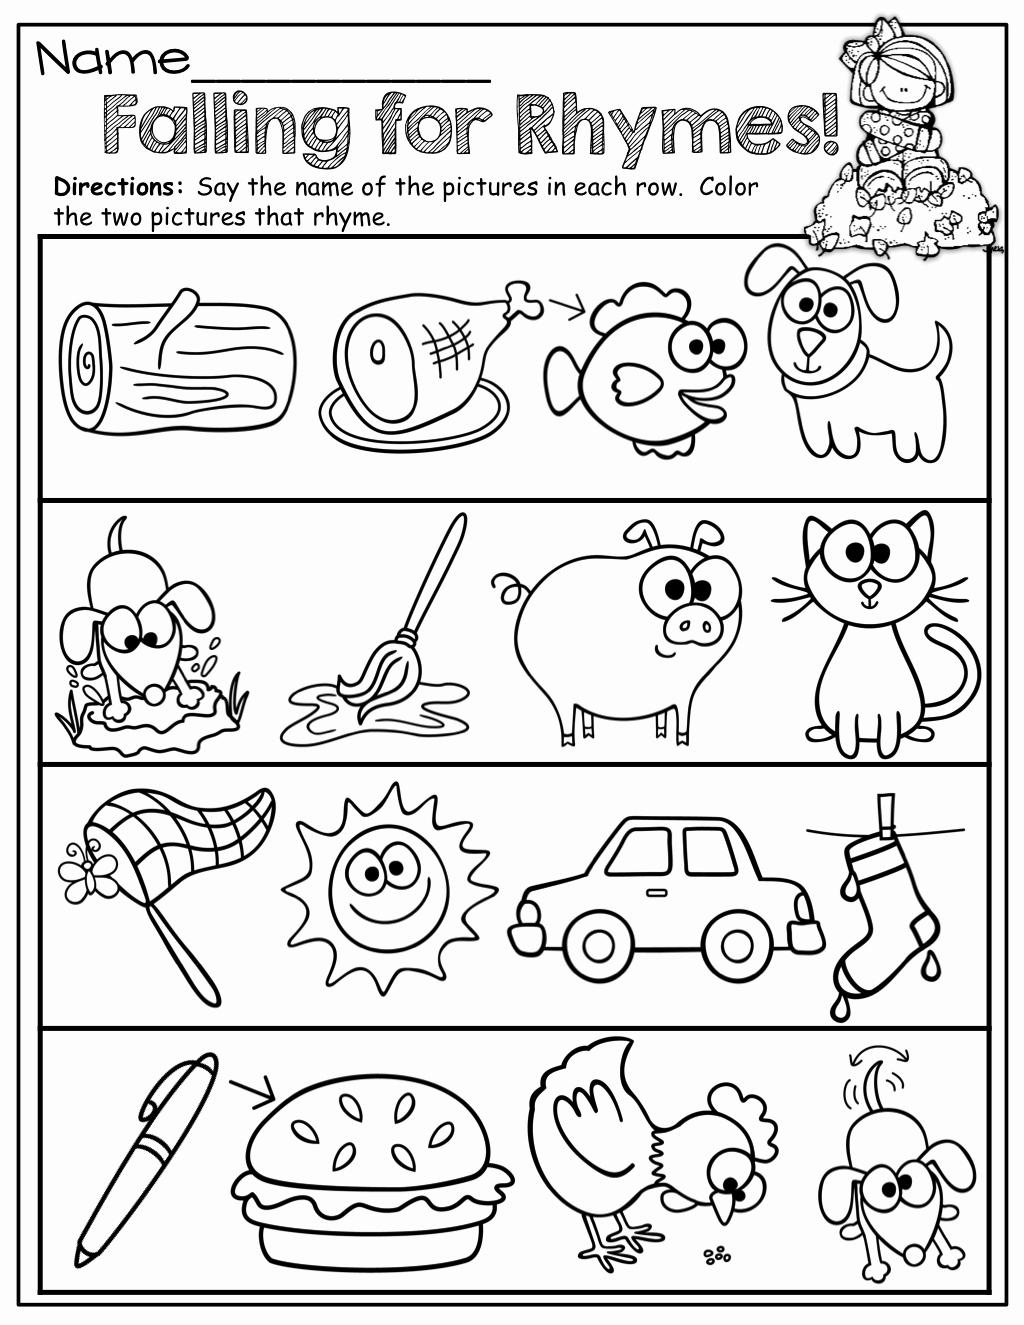 Rhyming Worksheets for Preschool Best Of Rhyming Words